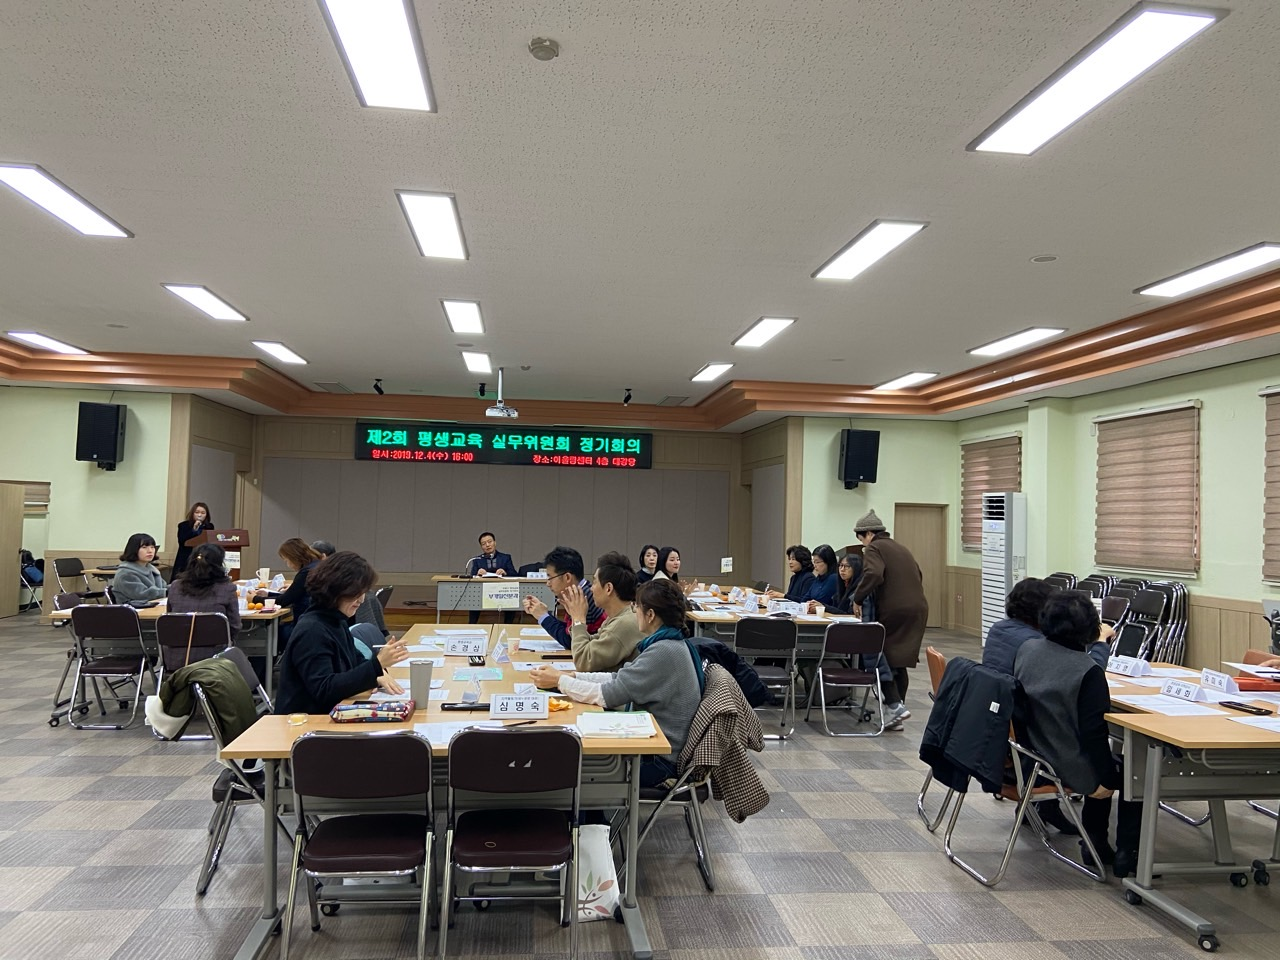 부평구, 평생교육 실무위원회 정기회의 열어